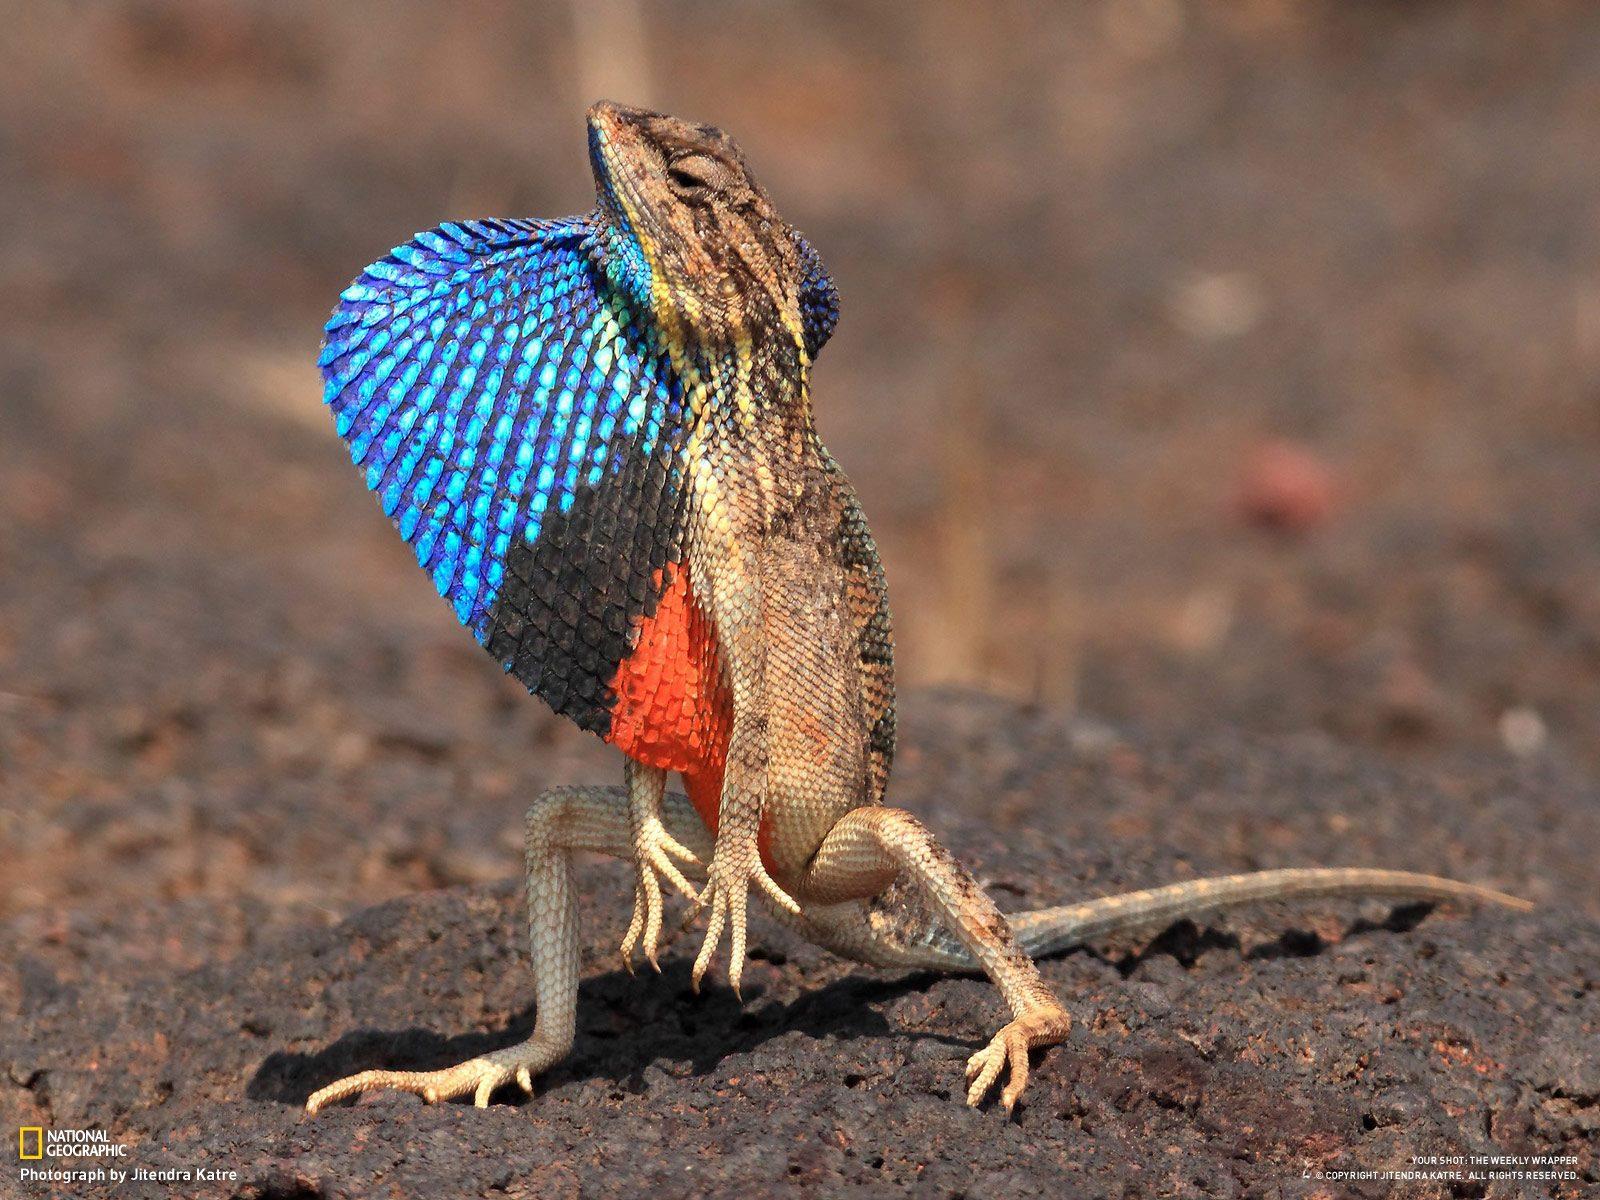 Ikitkemu: Beautiful Lizard: ikitkemu.blogspot.com/2011/09/beautiful-lizard.html